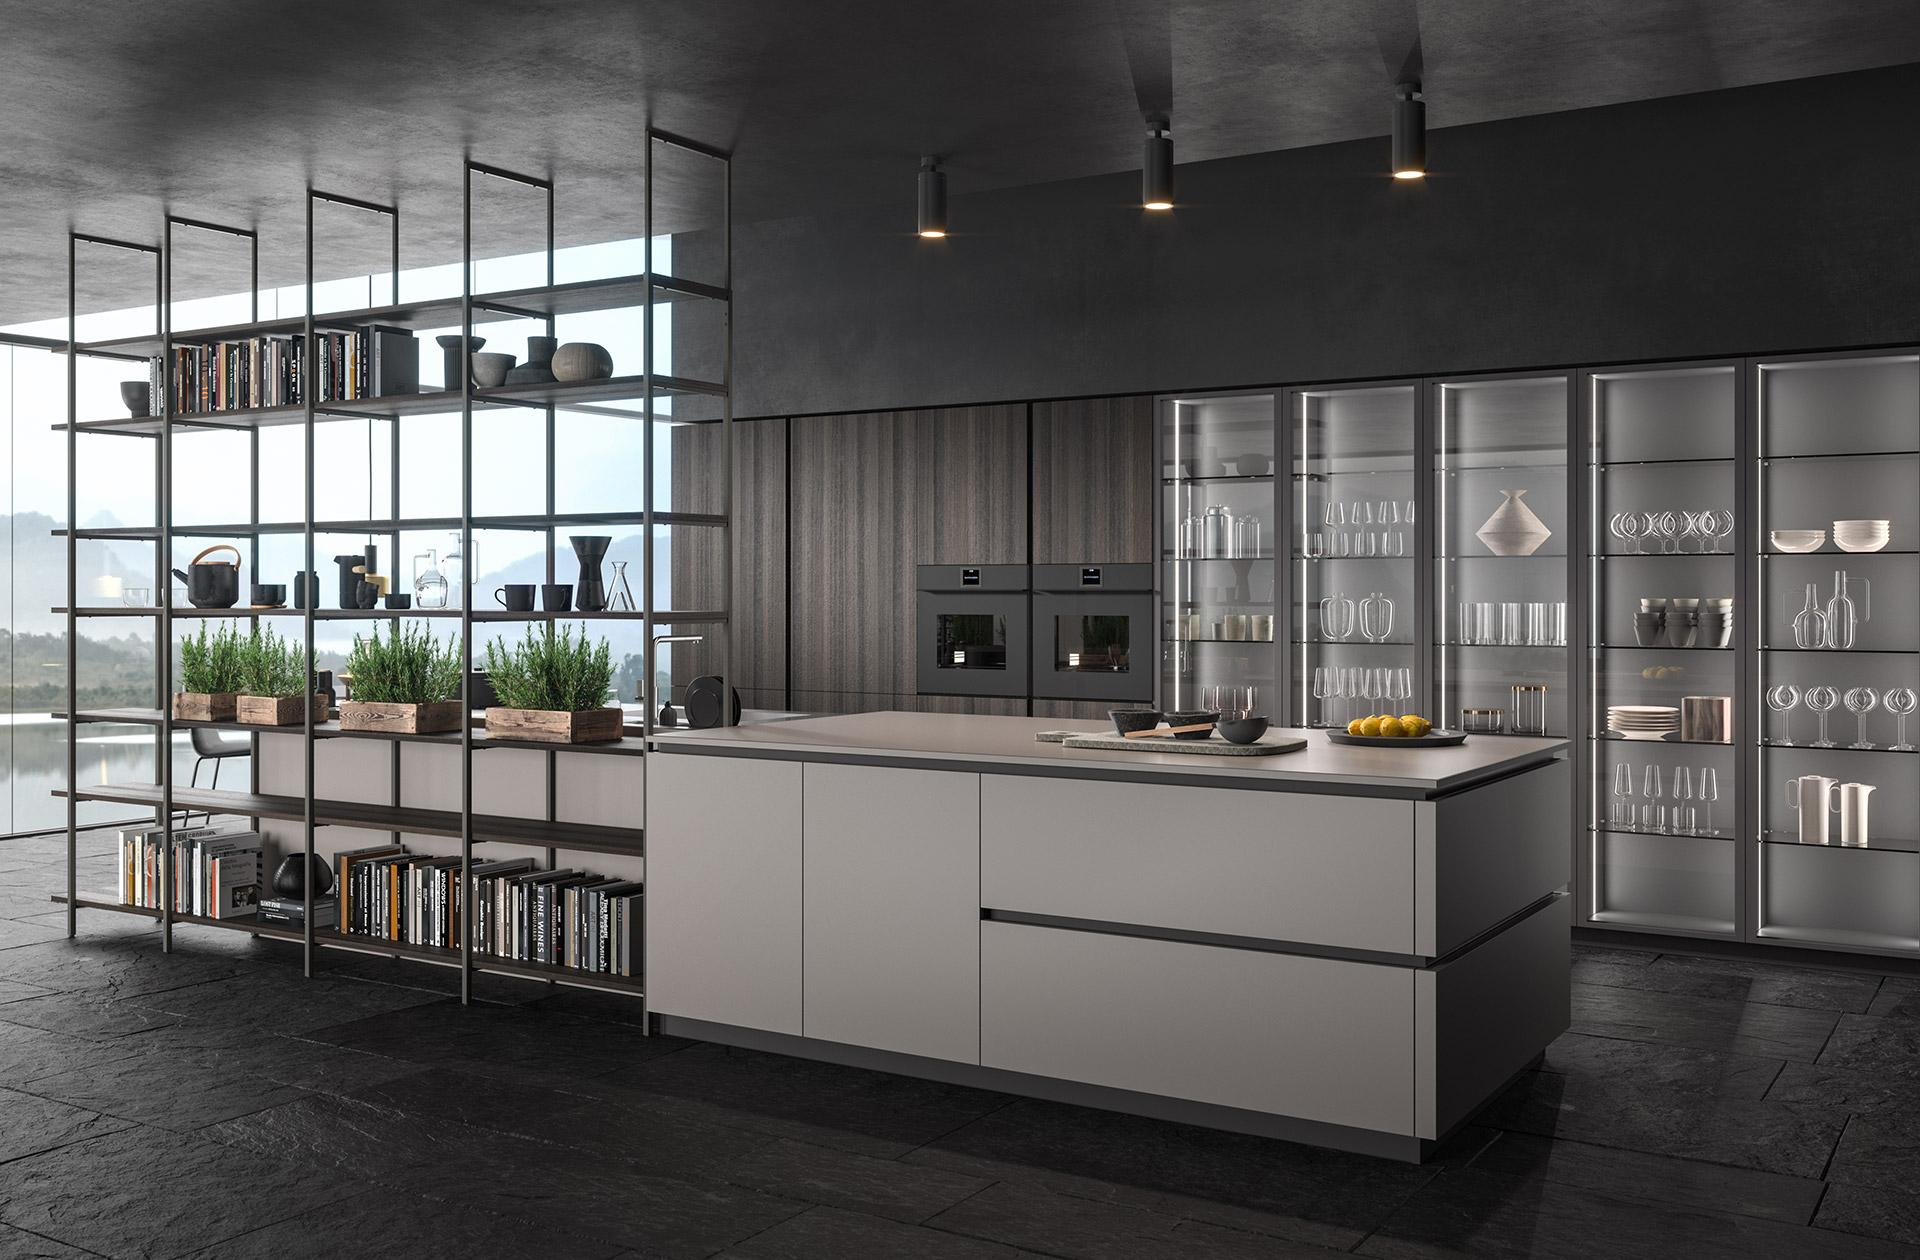 Ampia composizione cucina moderna con angolo destinato alle erbe aromatiche